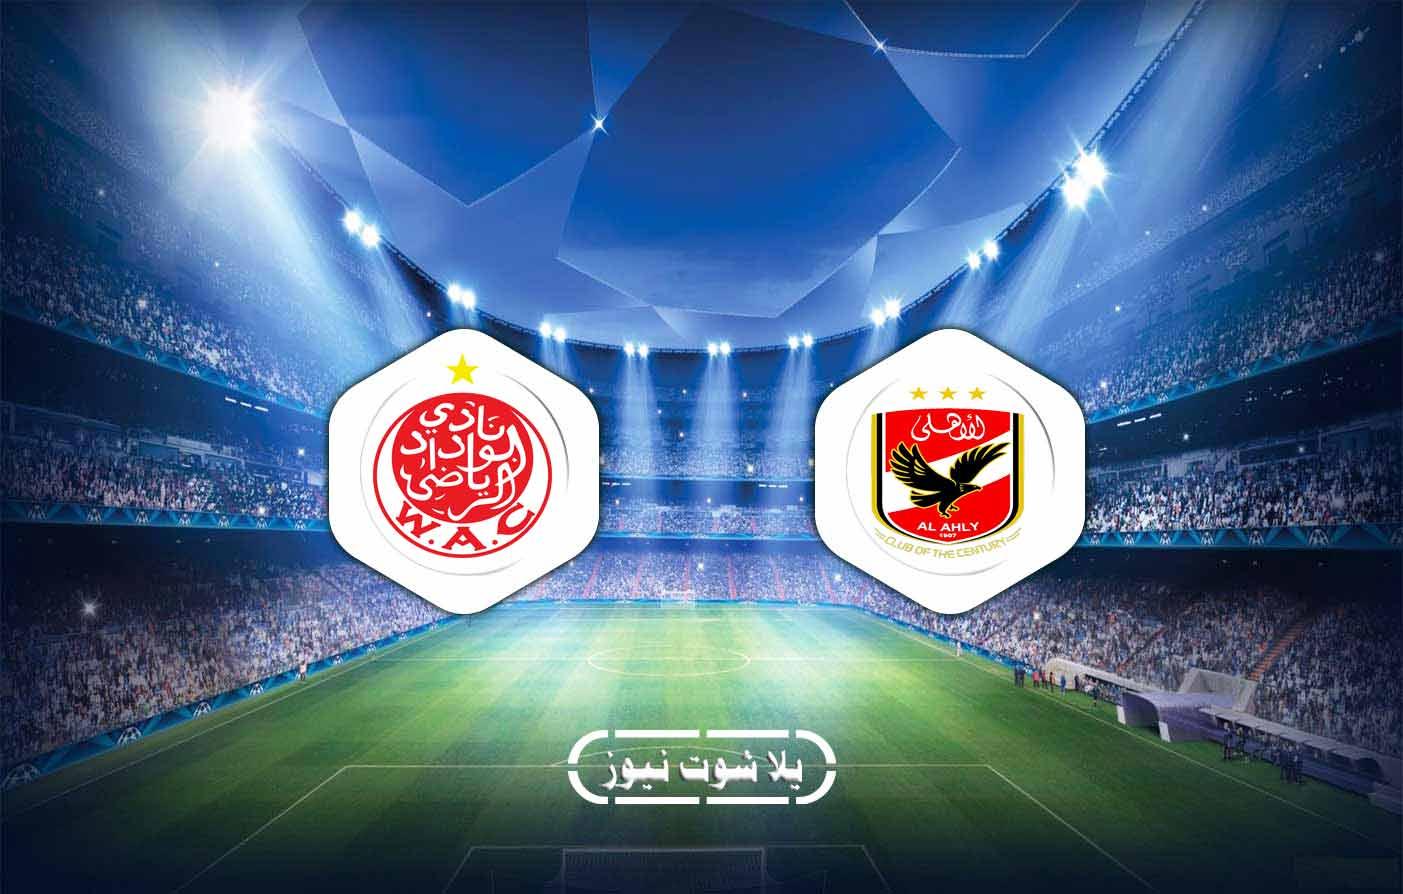 أهداف مباراة الأهلي والوداد الرياضي 3-1 بتاريخ 2020-10-23 دوري أبطال أفريقيا